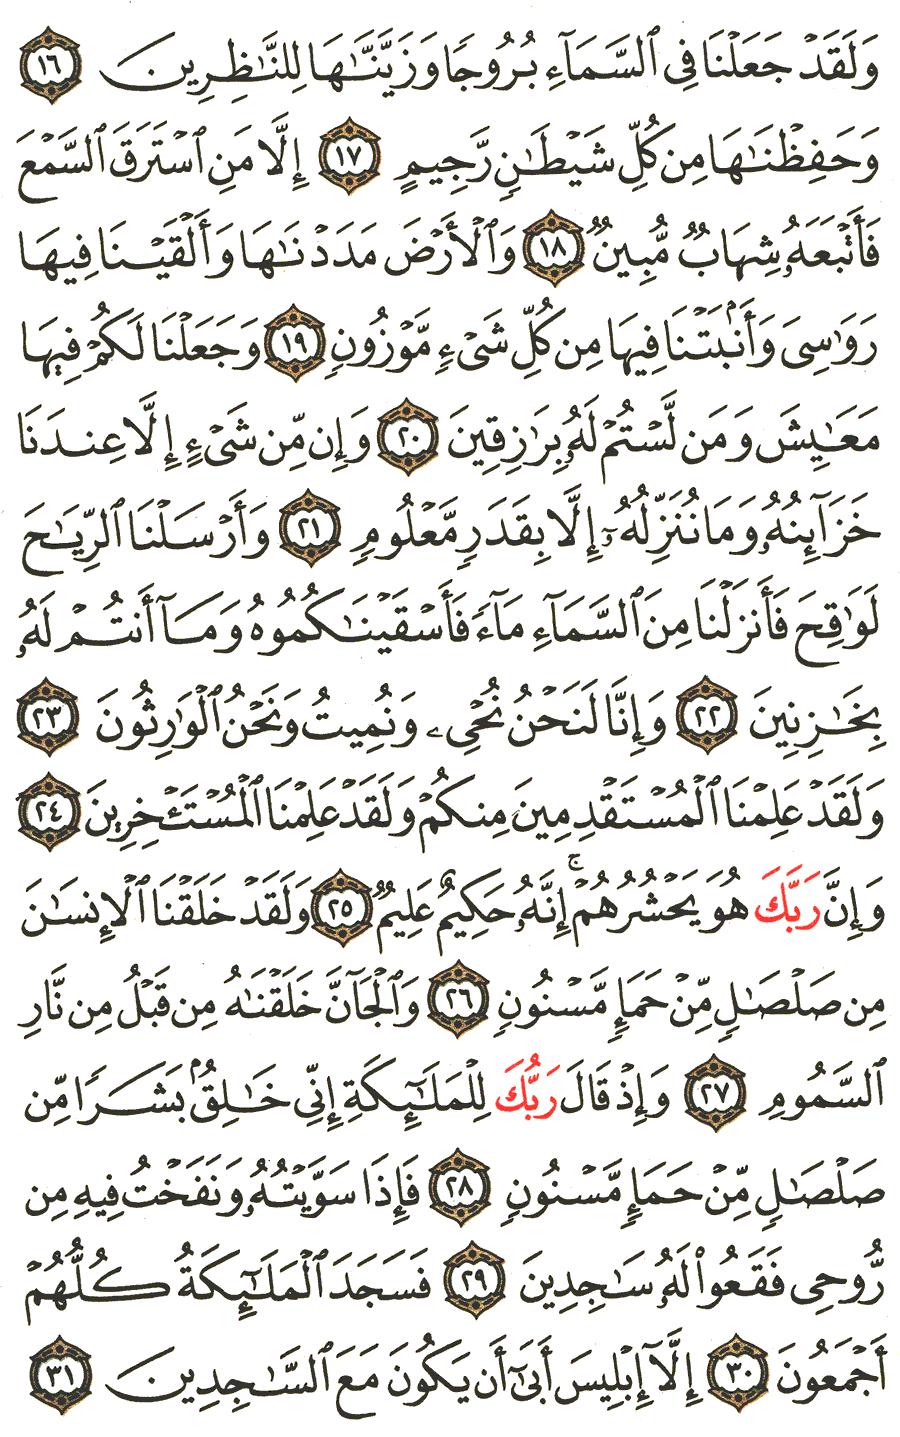 تفسير الآية 16 إلى 31 من سورة الحجر تفسير القرطبي